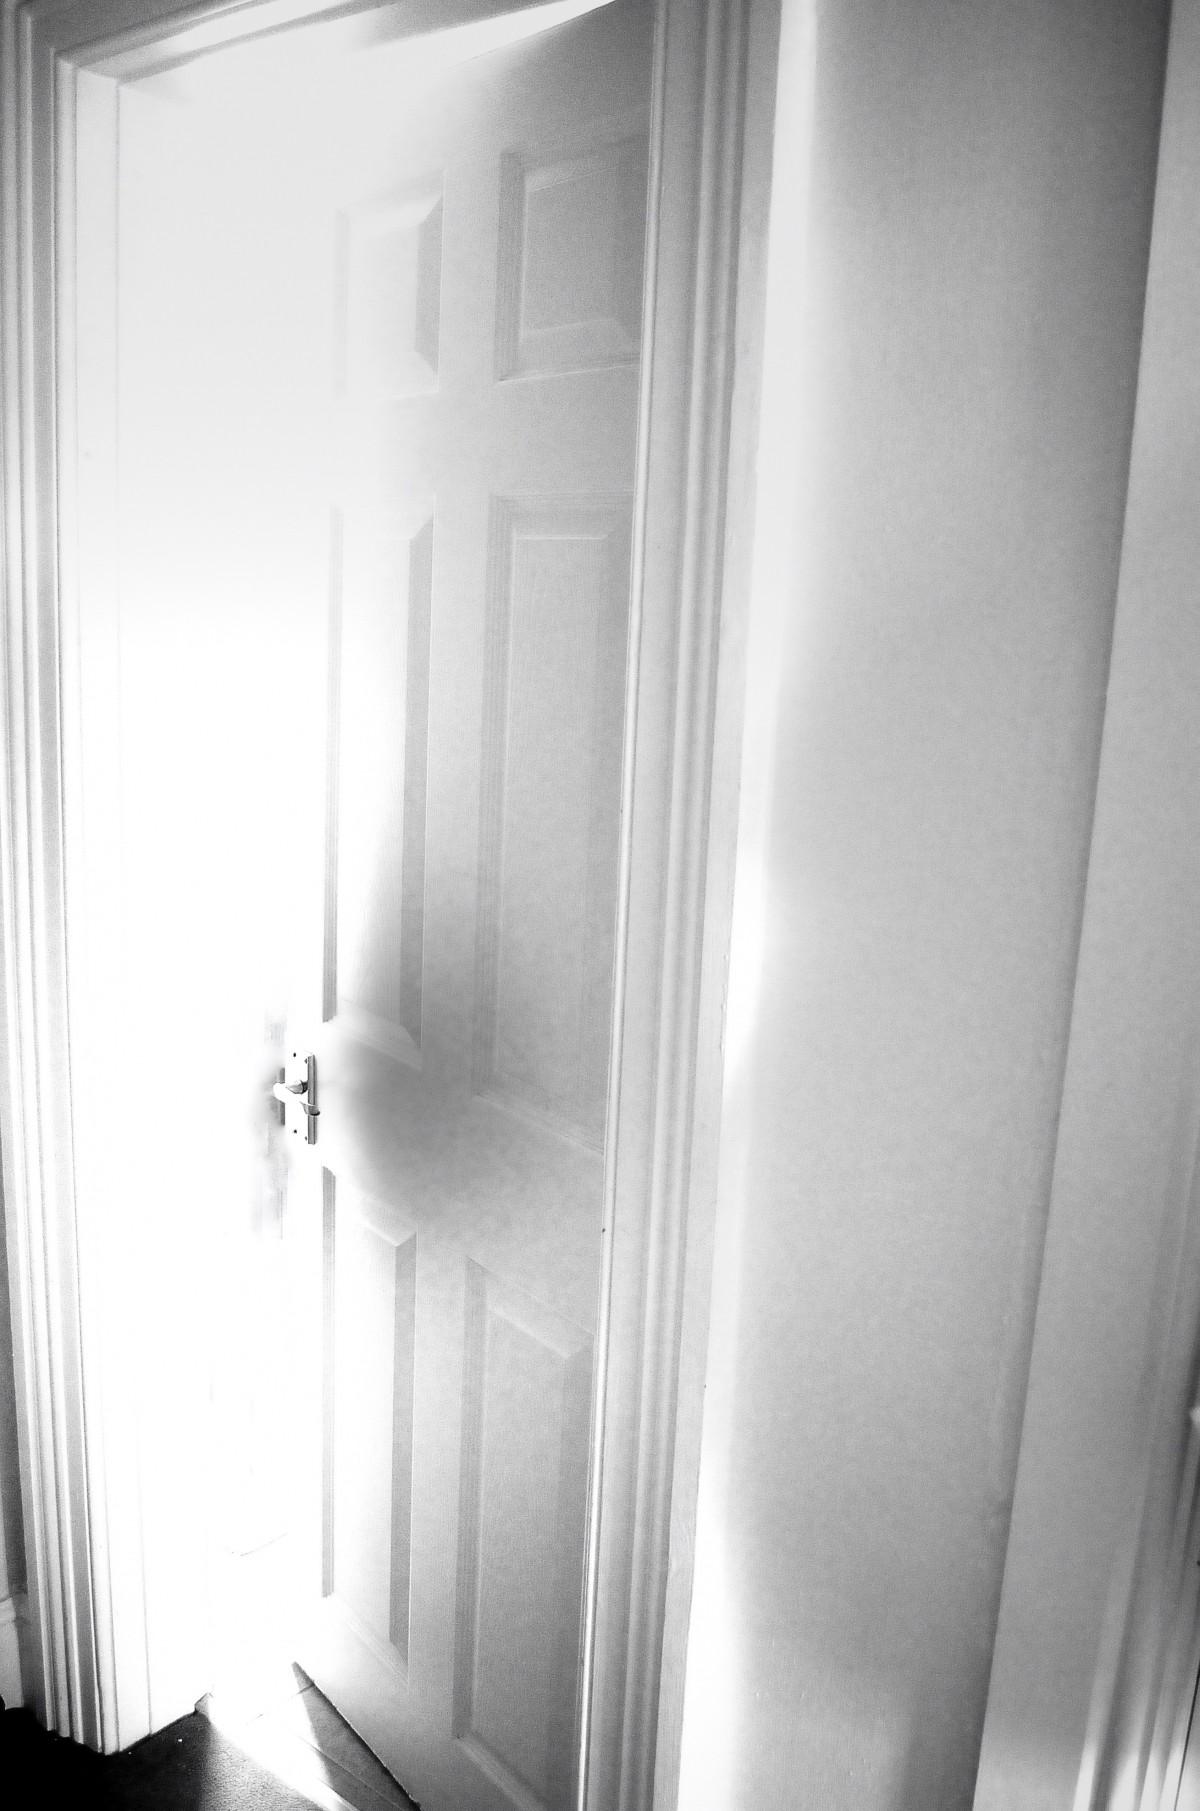 kostenlose foto ffnen licht schwarz und wei wei fotografie geheimnis schatten. Black Bedroom Furniture Sets. Home Design Ideas